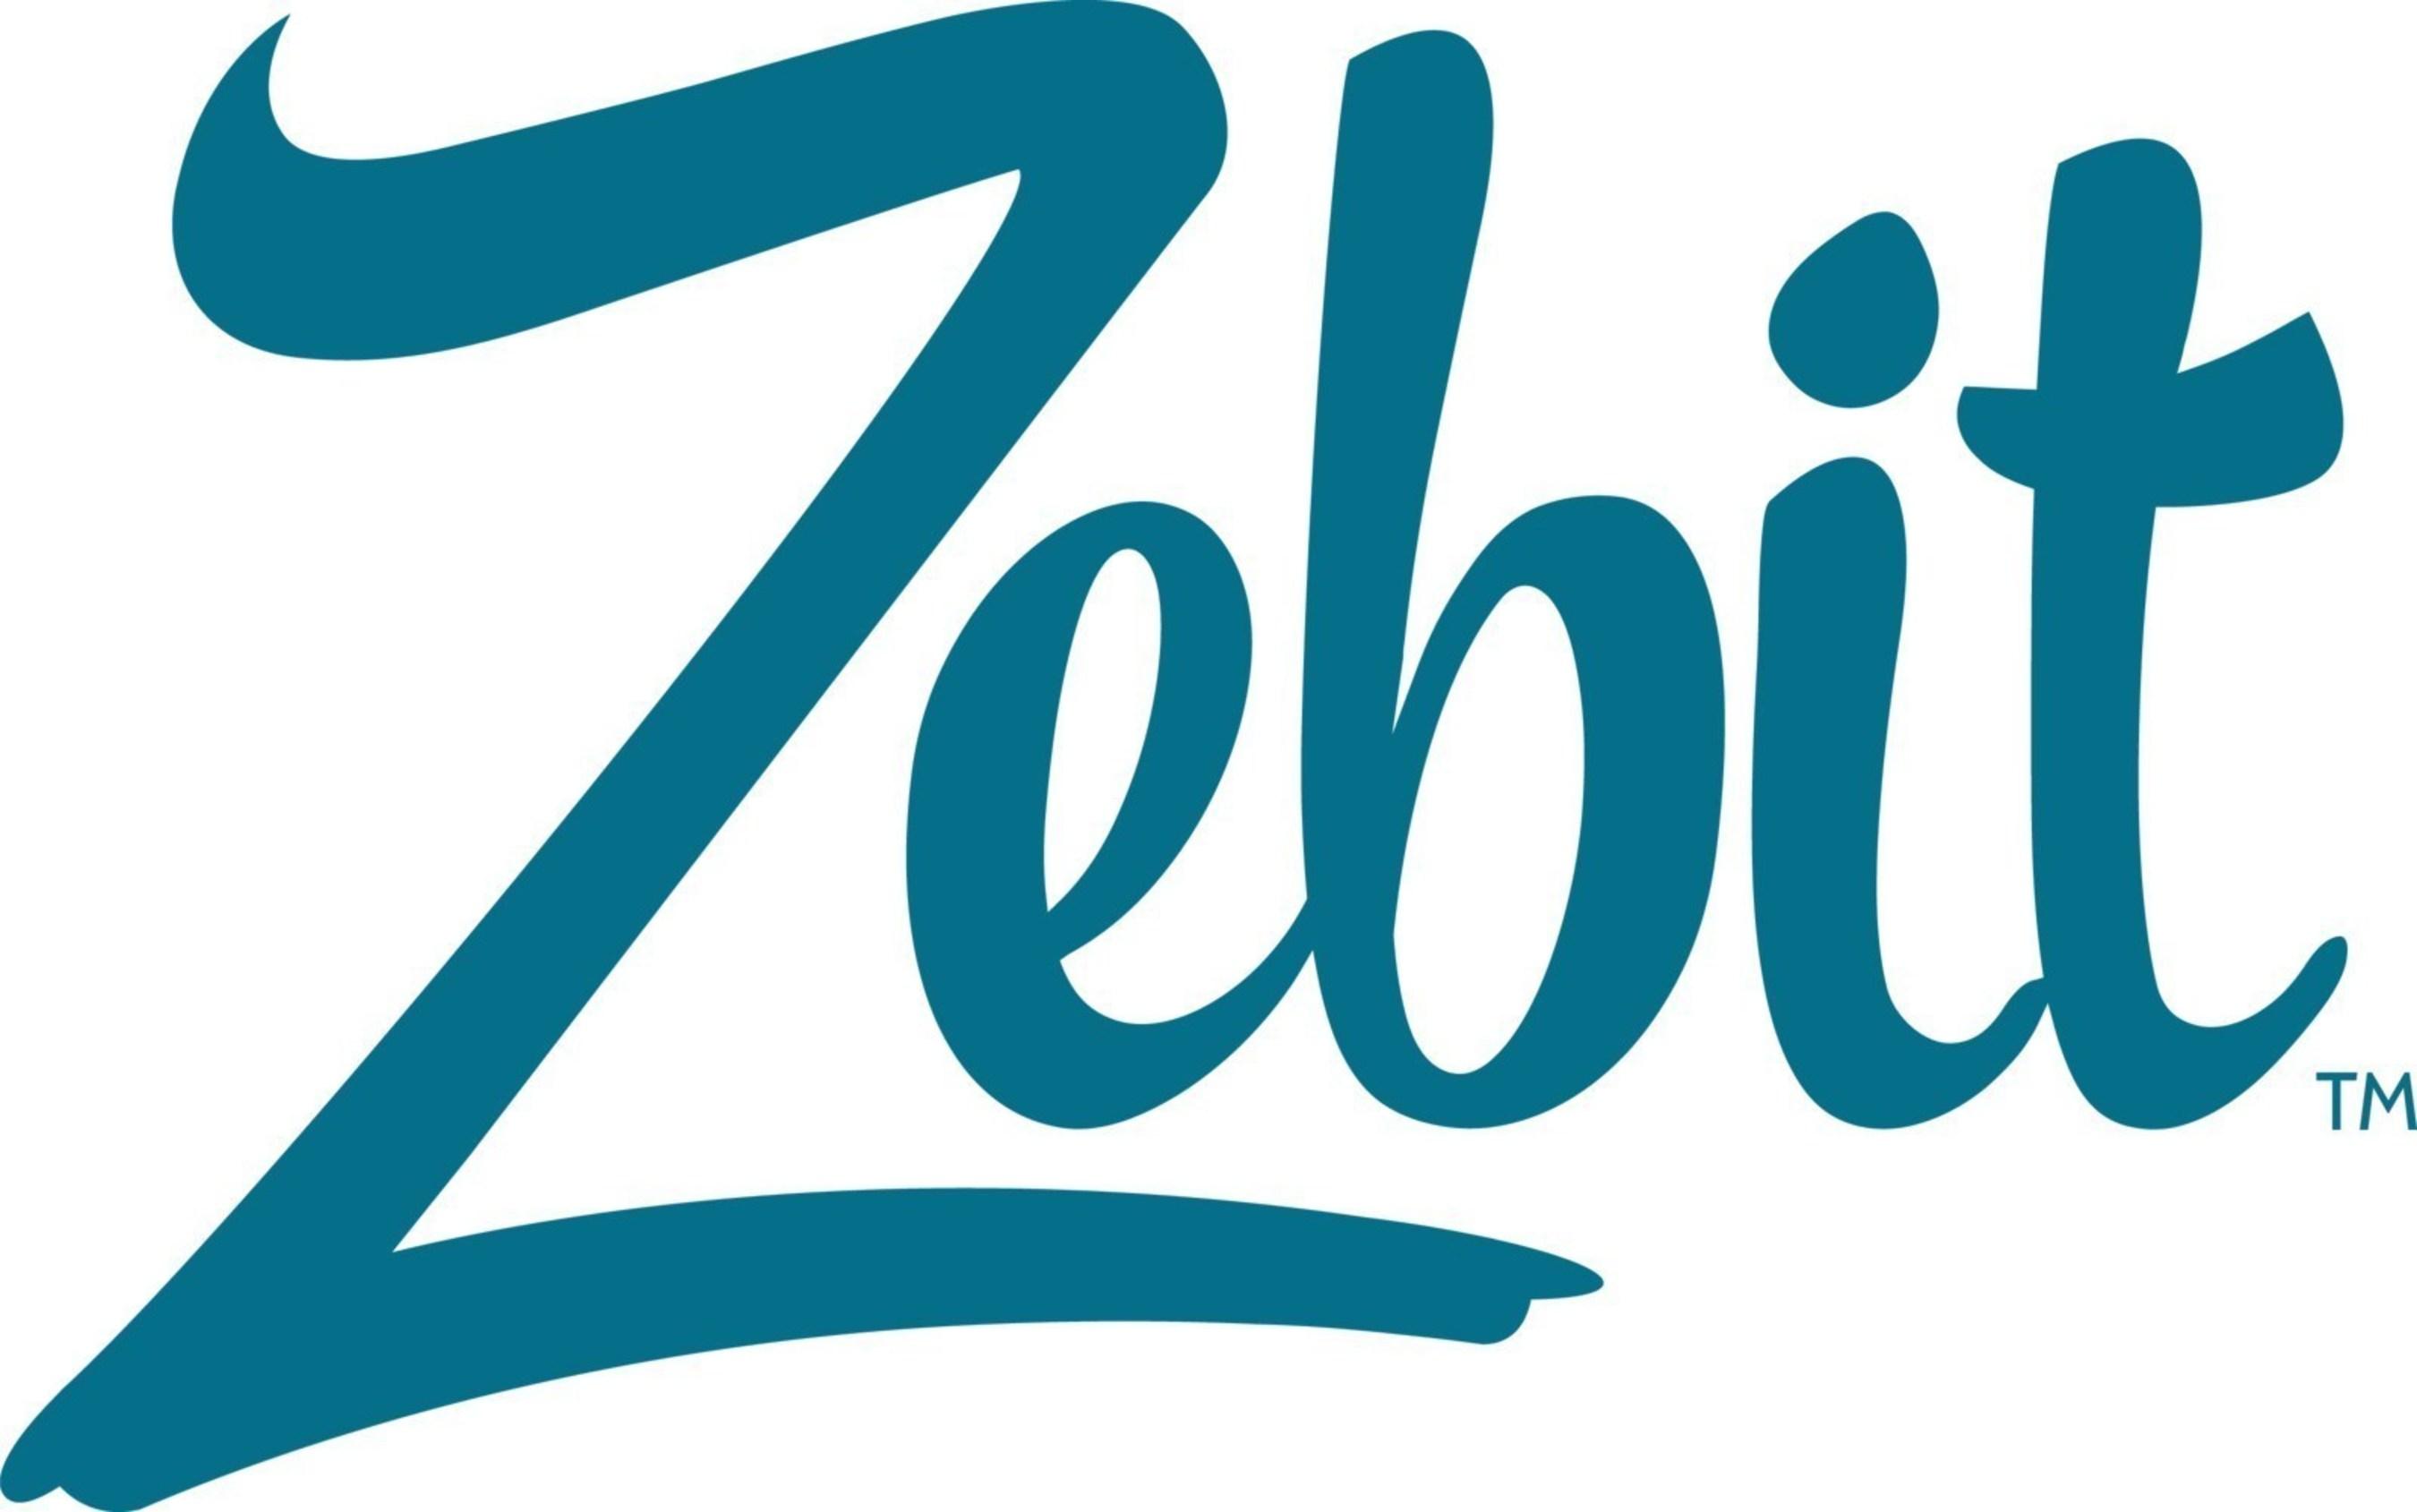 Zebit Logo (PRNewsFoto/Zebit)